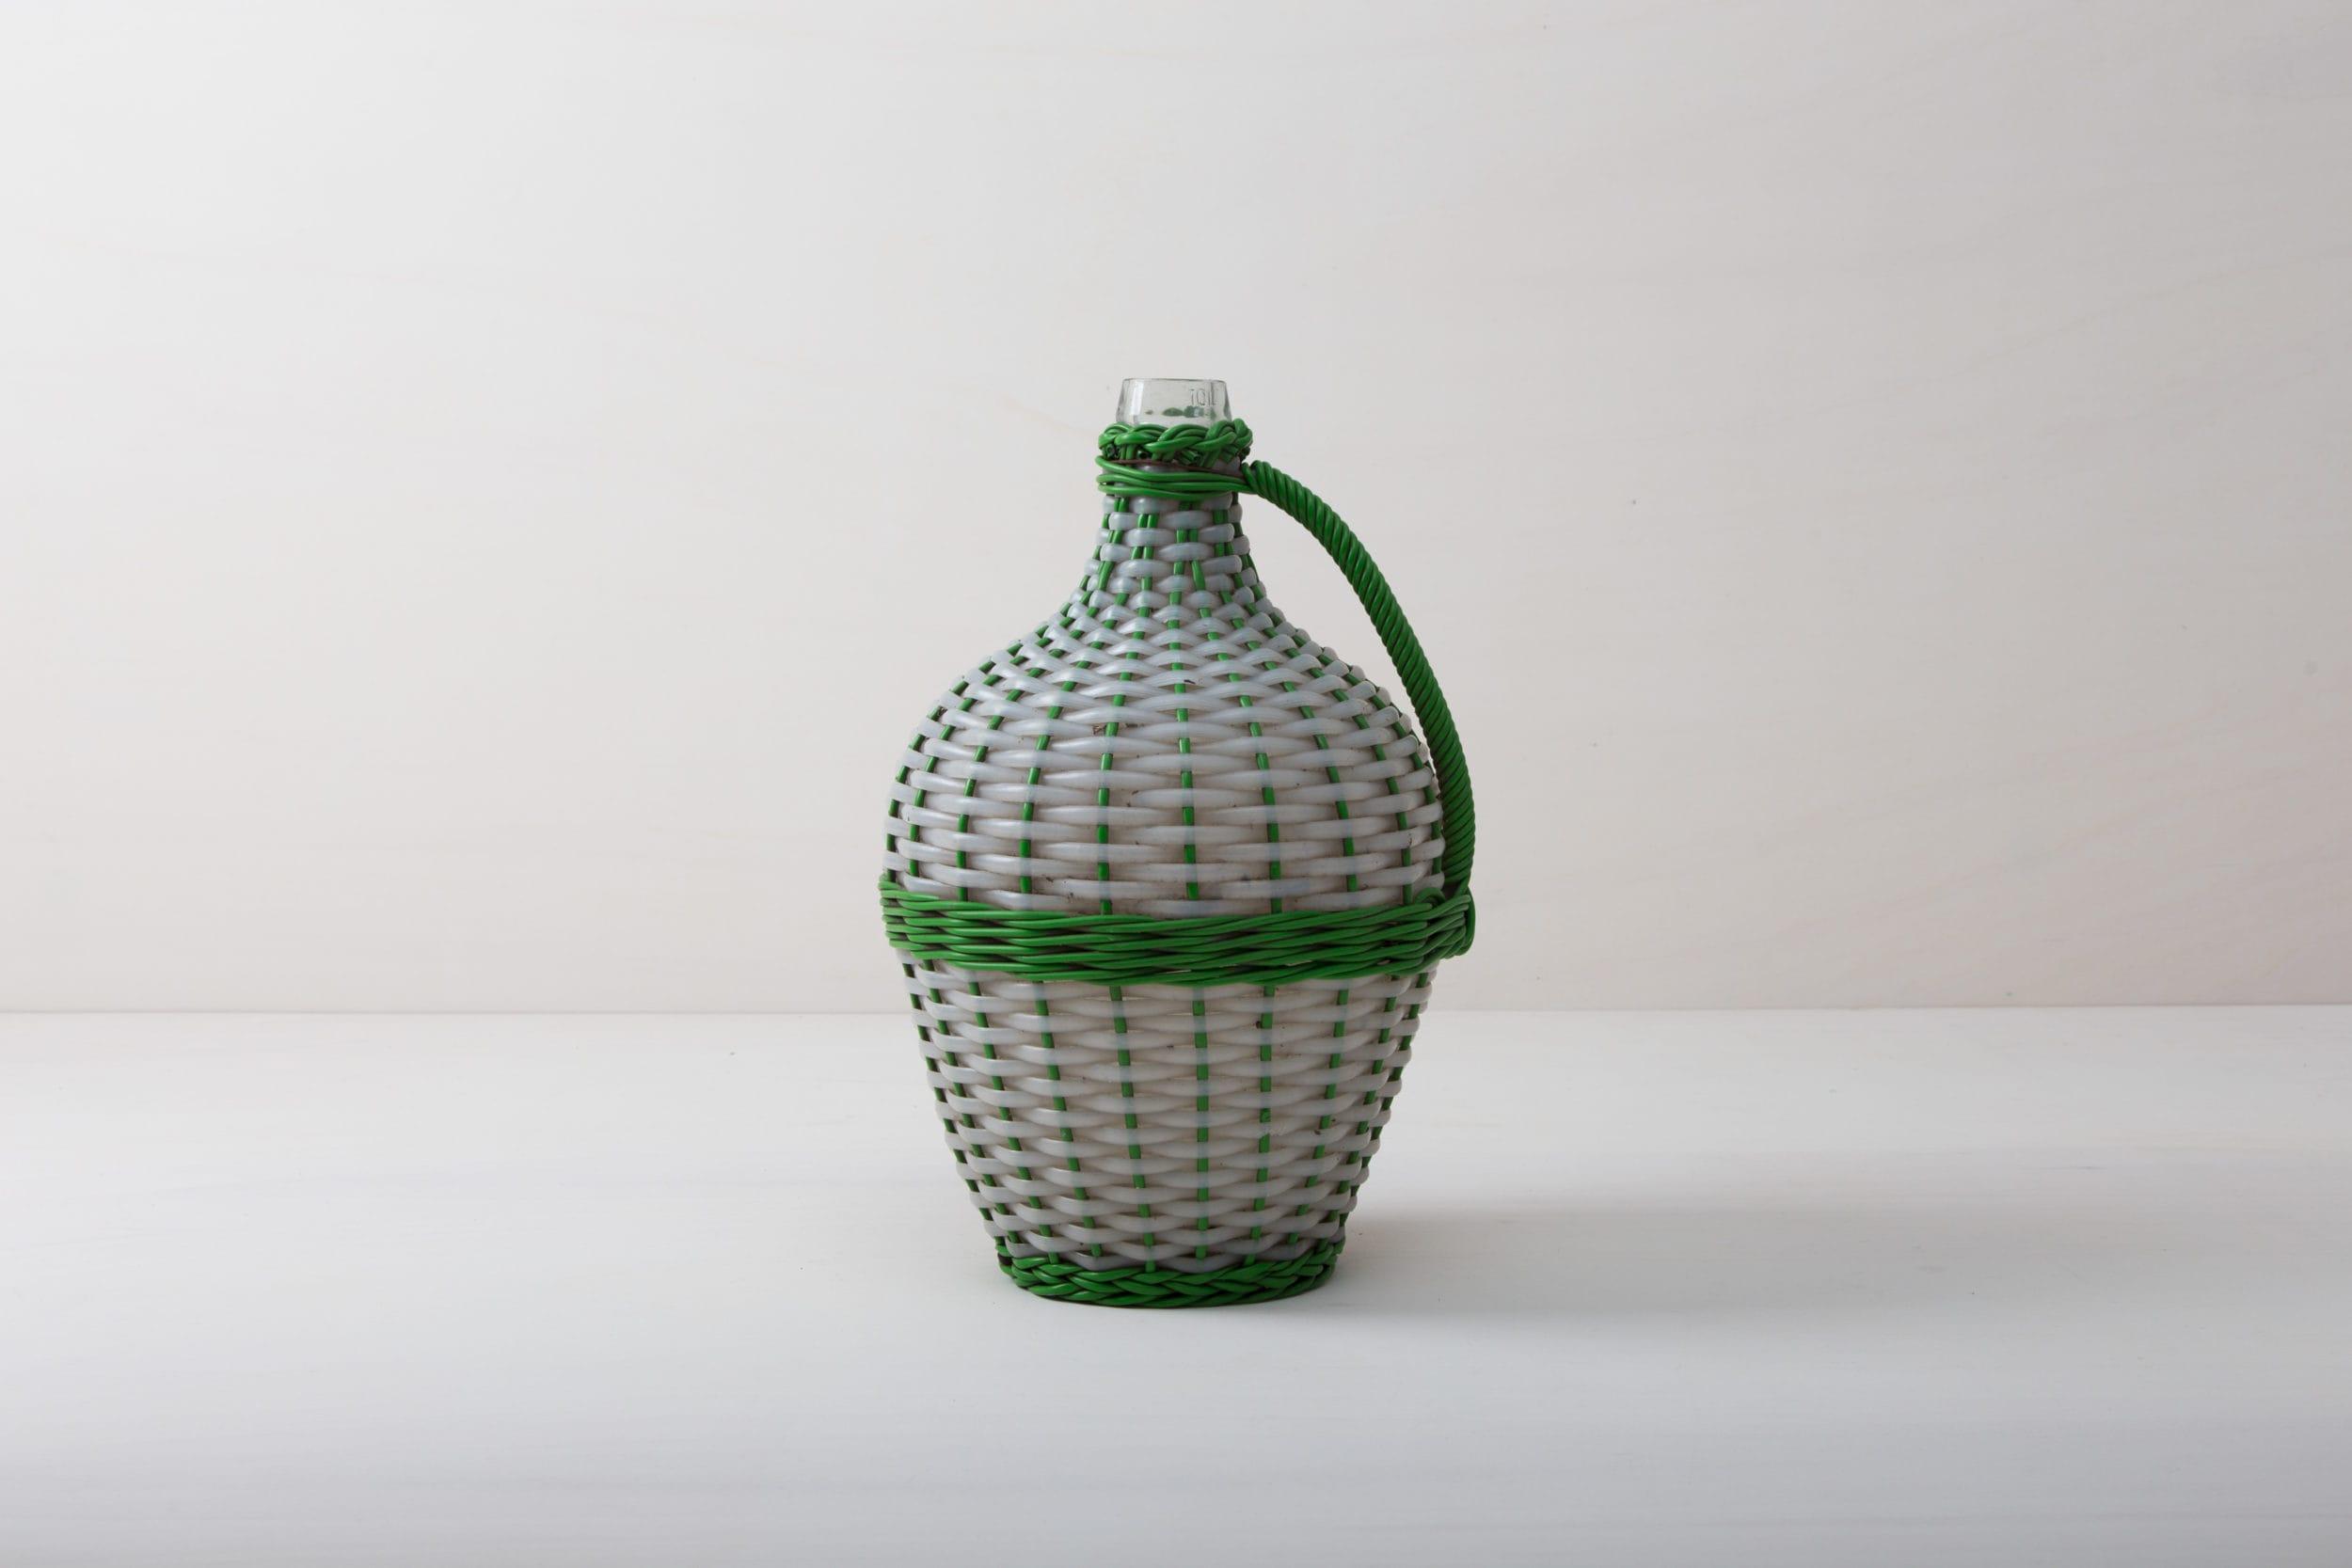 Wie viele Liter Wein mögen in dieser Korbflasche zu rauschenden Festen gebracht worden sein? Das wird wohl ein Rätsel bleiben. Völlig klar dagegen ist, dass die Weinballons heute eine wundervolle Dekoration auf Eurem Fest abgeben. Ob alleine oder zu mehreren gruppiert, die bildschöne, bauchige Form machen sie zu wahren Augenschmeichlern. Sie eignen sich bestens als Vasen für lange Gräser oder exotische, einzelne Blüten. Die Weinballons oder auch Demijohn genannt sind in verschiedenen Größen verfügbar. Die einen sind klein genug, um auf dem Tisch Platz zu finden, die anderen eignen sie eher für Dekorationen auf dem Boden.